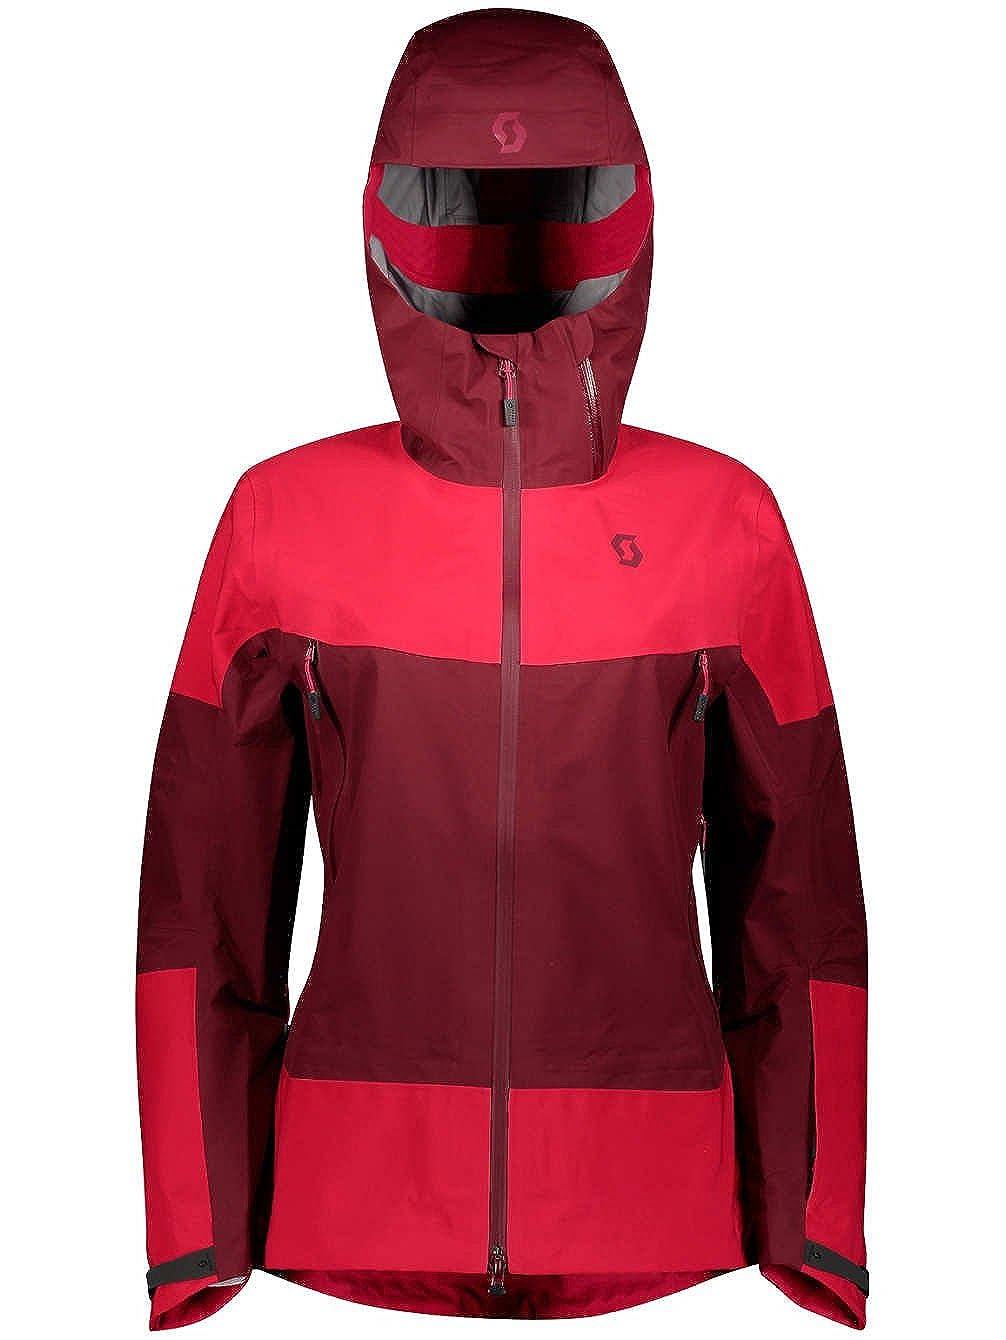 Scott Jacket W W W S verdeIC TourB071P3SGGDLarge mahogany rosso ruby rosso | Bassi costi  | Materiali Di Alta Qualità  | Reputazione affidabile  | Eccellente  Qualità  | Cheap  | Prezzo basso  cda6e6